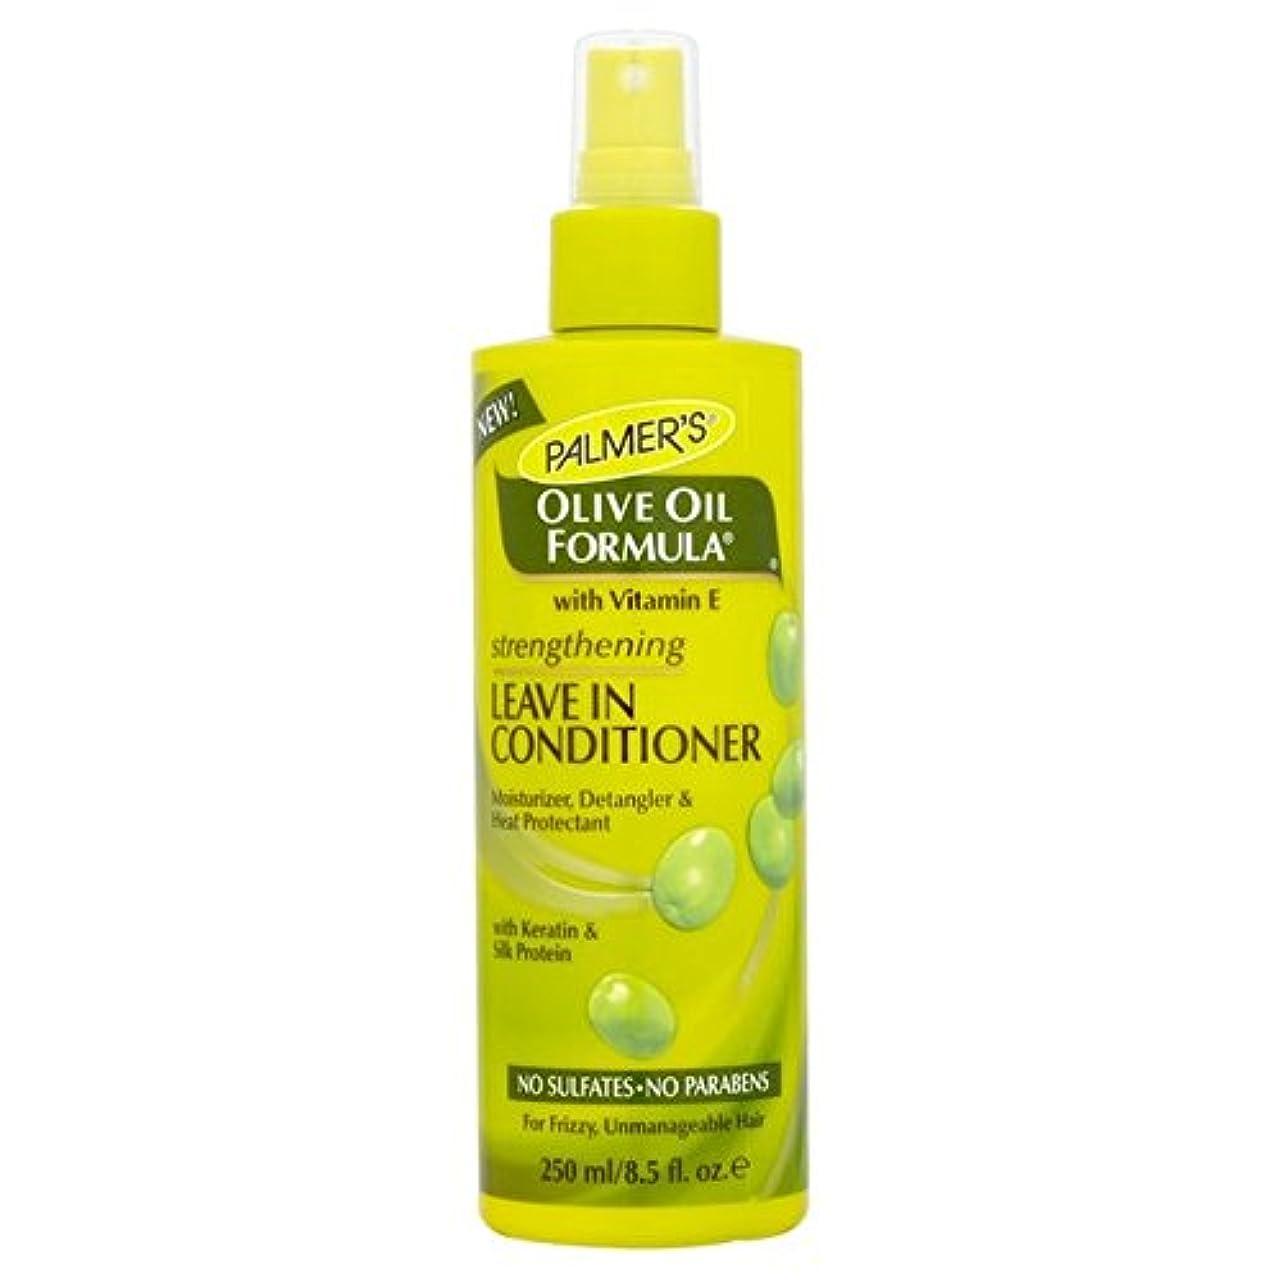 腰忘れる費やすPalmer's Olive Oil Formula Strengthening Leave-in Conditioner 250ml - リーブインコンディショナー250を強化パーマーのオリーブオイル式 [並行輸入品]